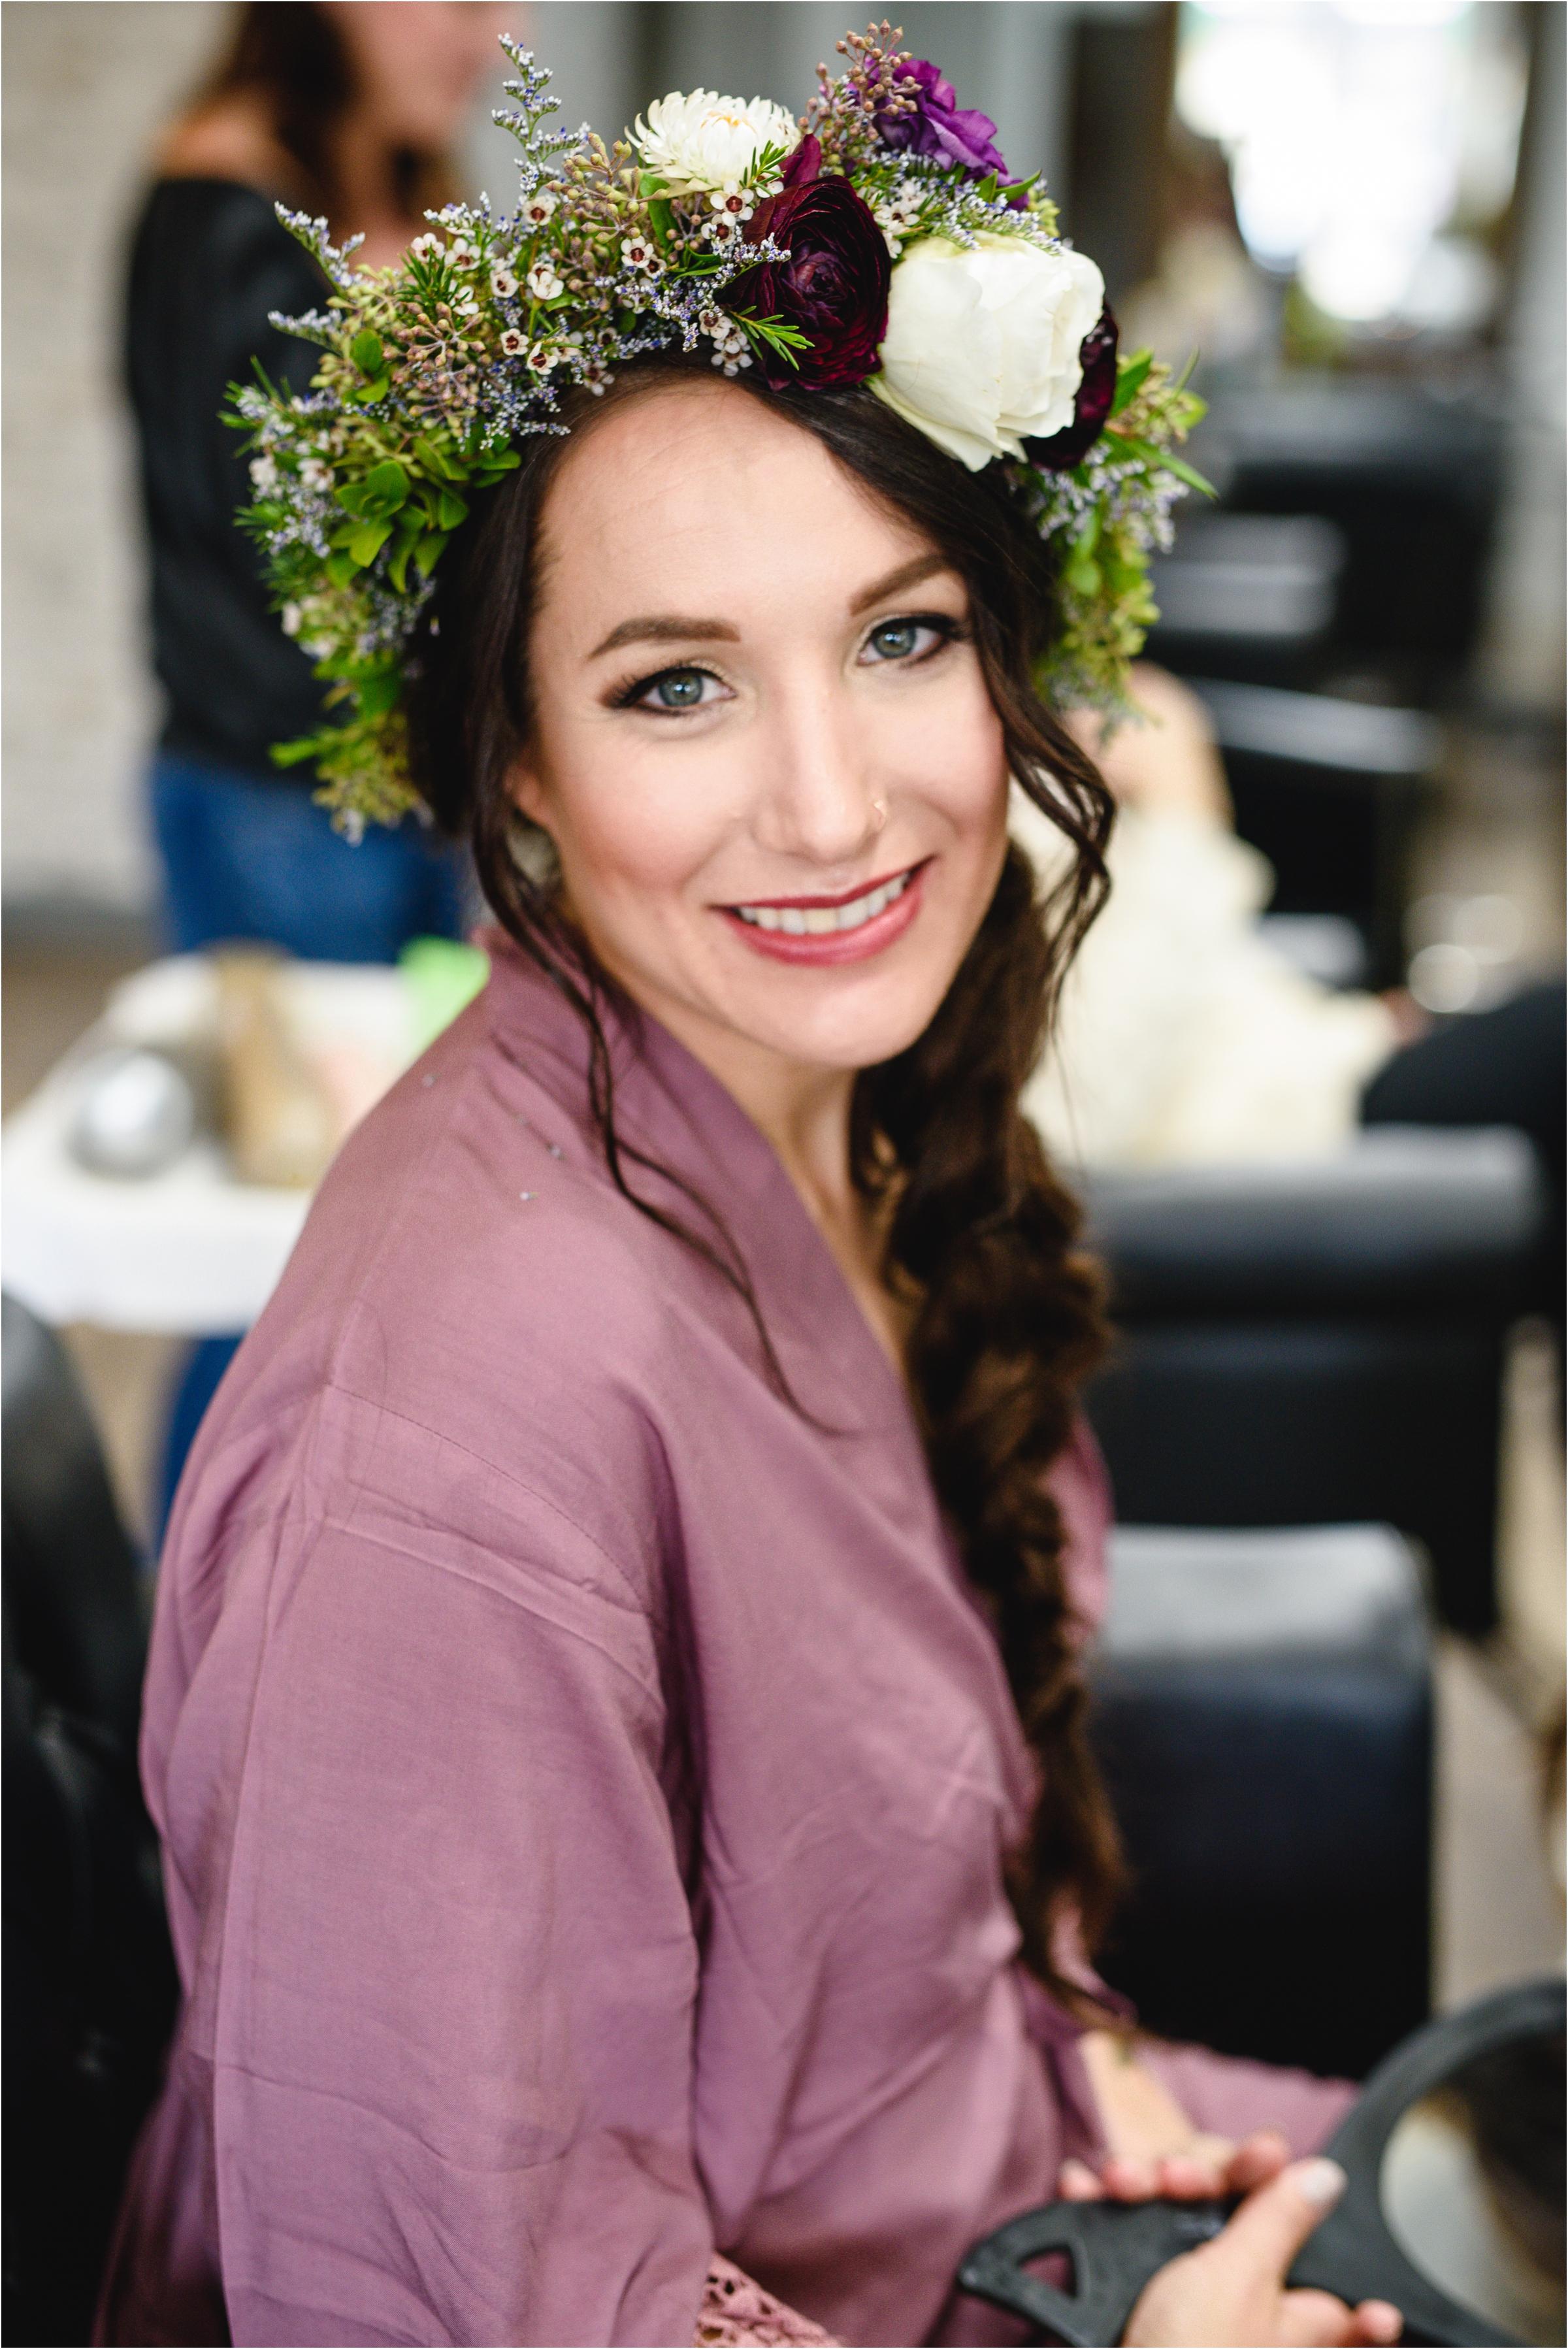 Janel-Gion-Wedding-Photographer-ShannonSteve-Sandpoint-Idaho.jpg_0003.jpg